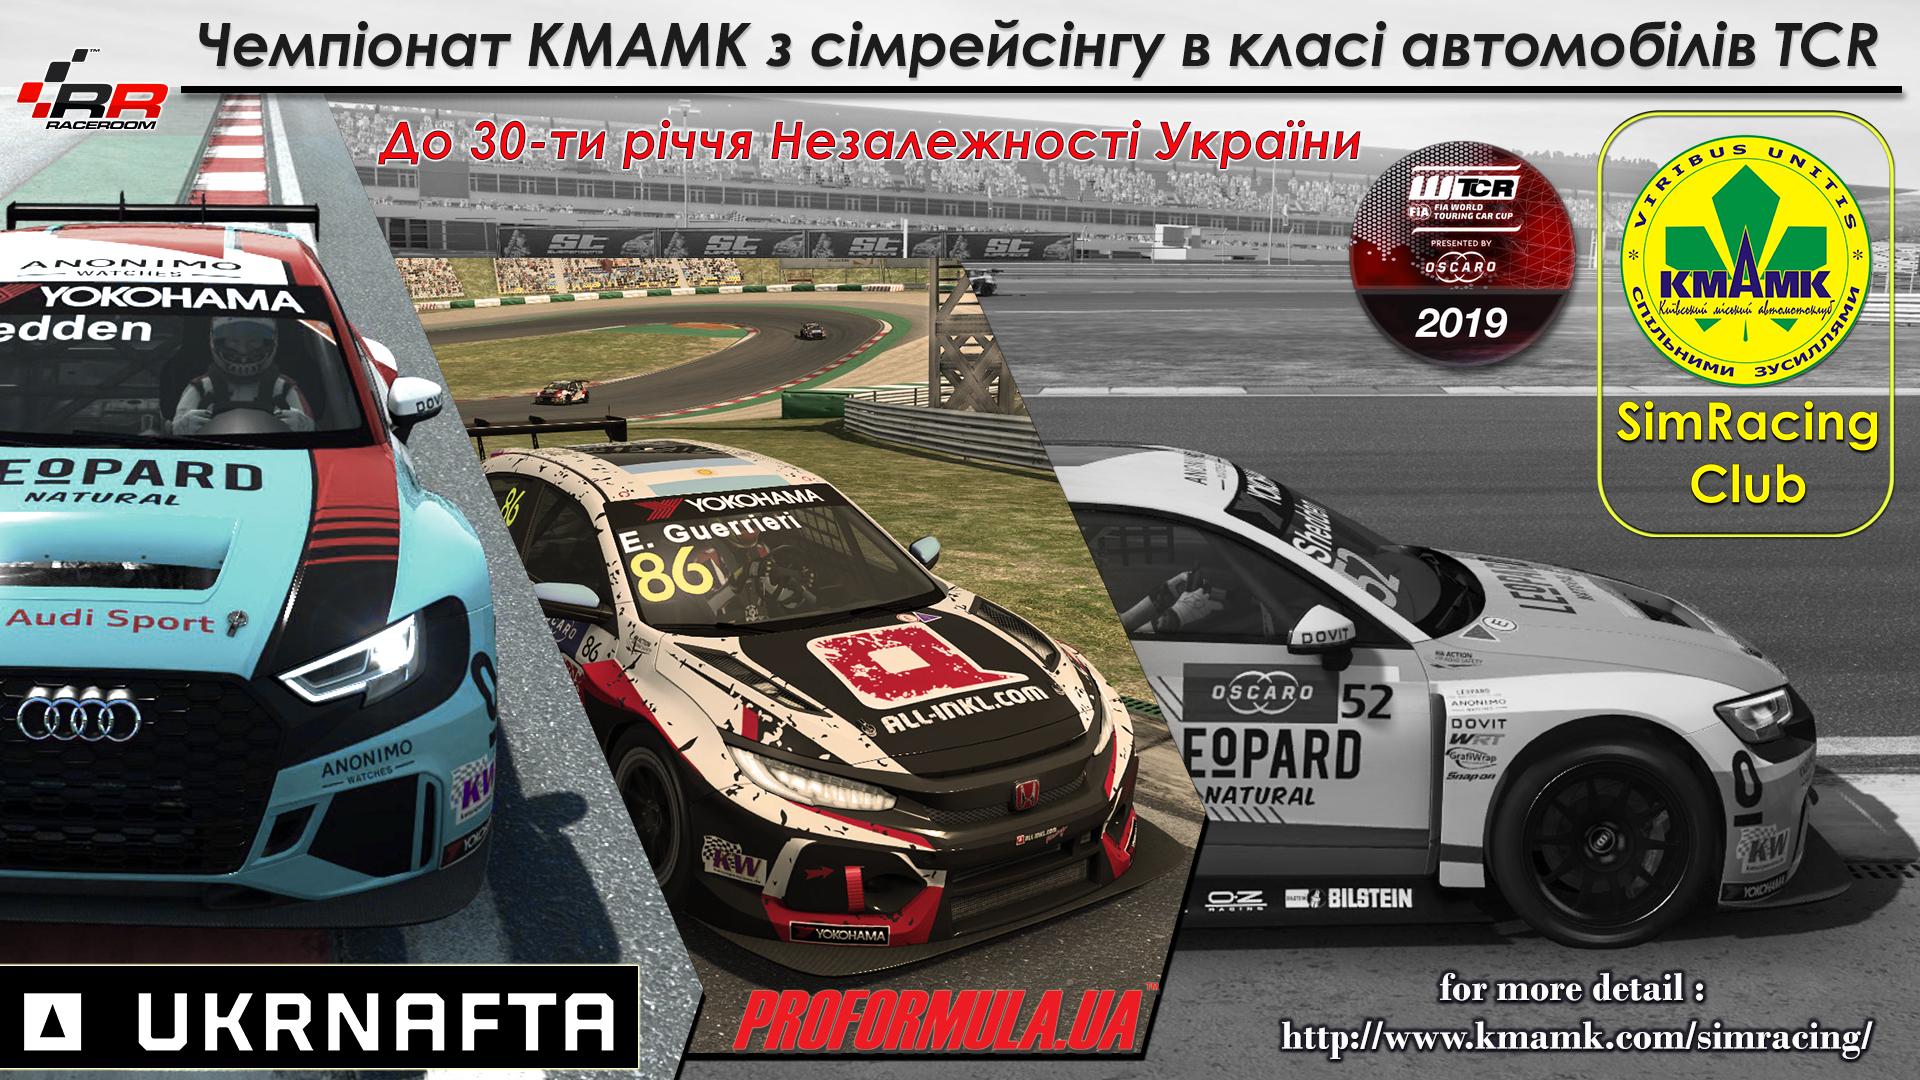 Чемпіонат КМАМК в класі TCR завершено!